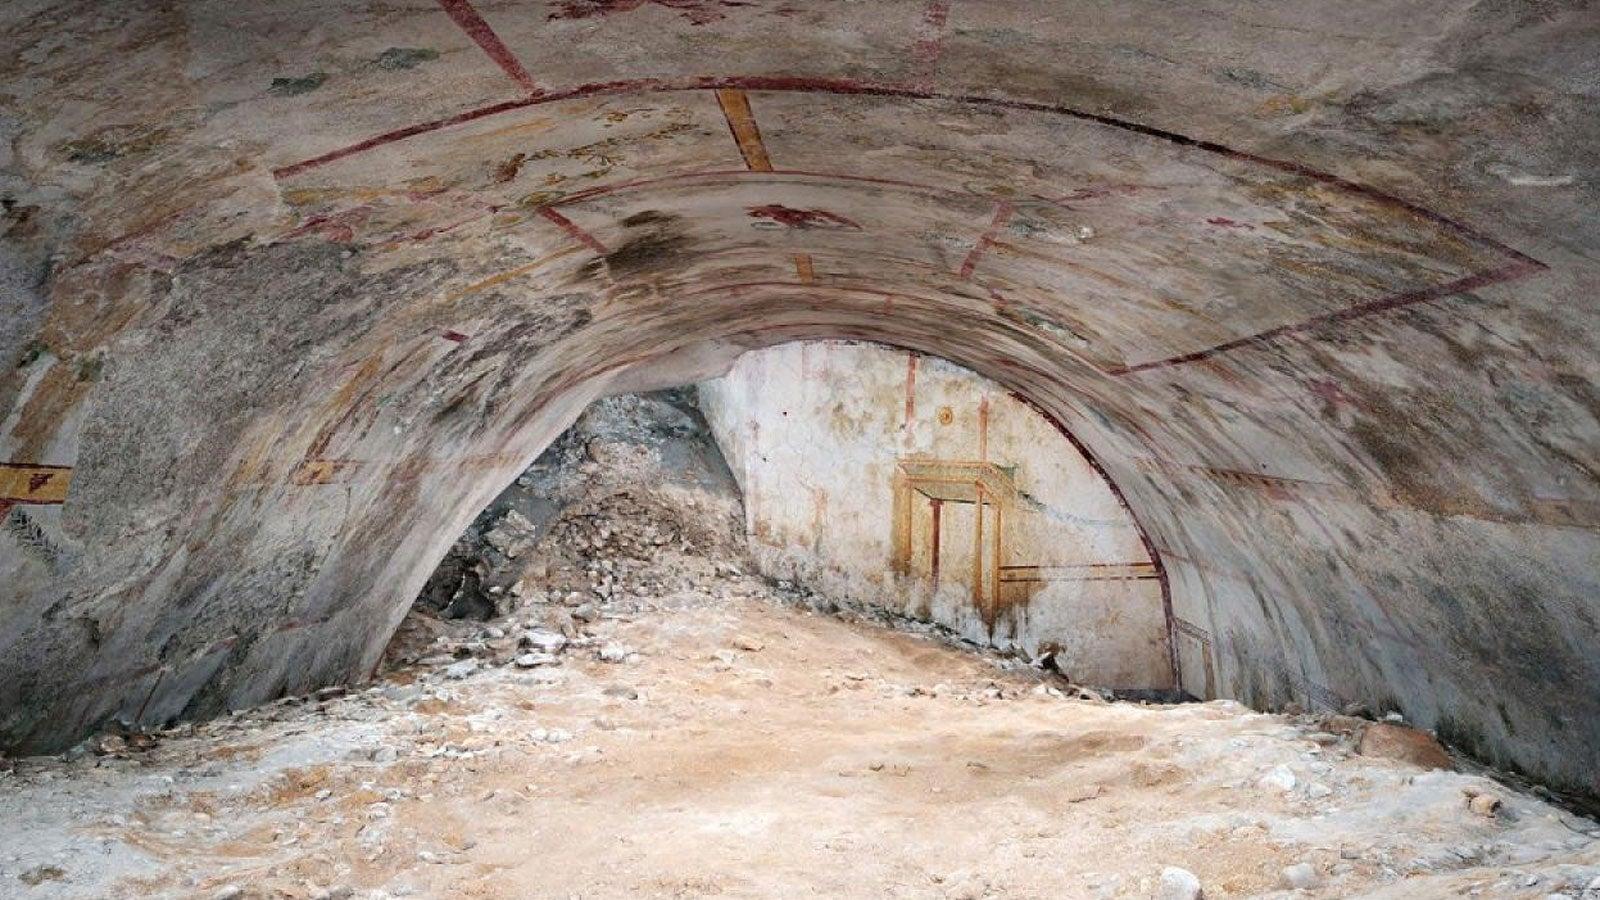 """Archäologen haben eine riesige, geheime Kammer im Untergrund des Palastes des römischen Kaisers Nero gefunden. Der sogenannte Sphinx-Raum befindet sich im """"Goldenen Haus"""" des Gebäudes."""